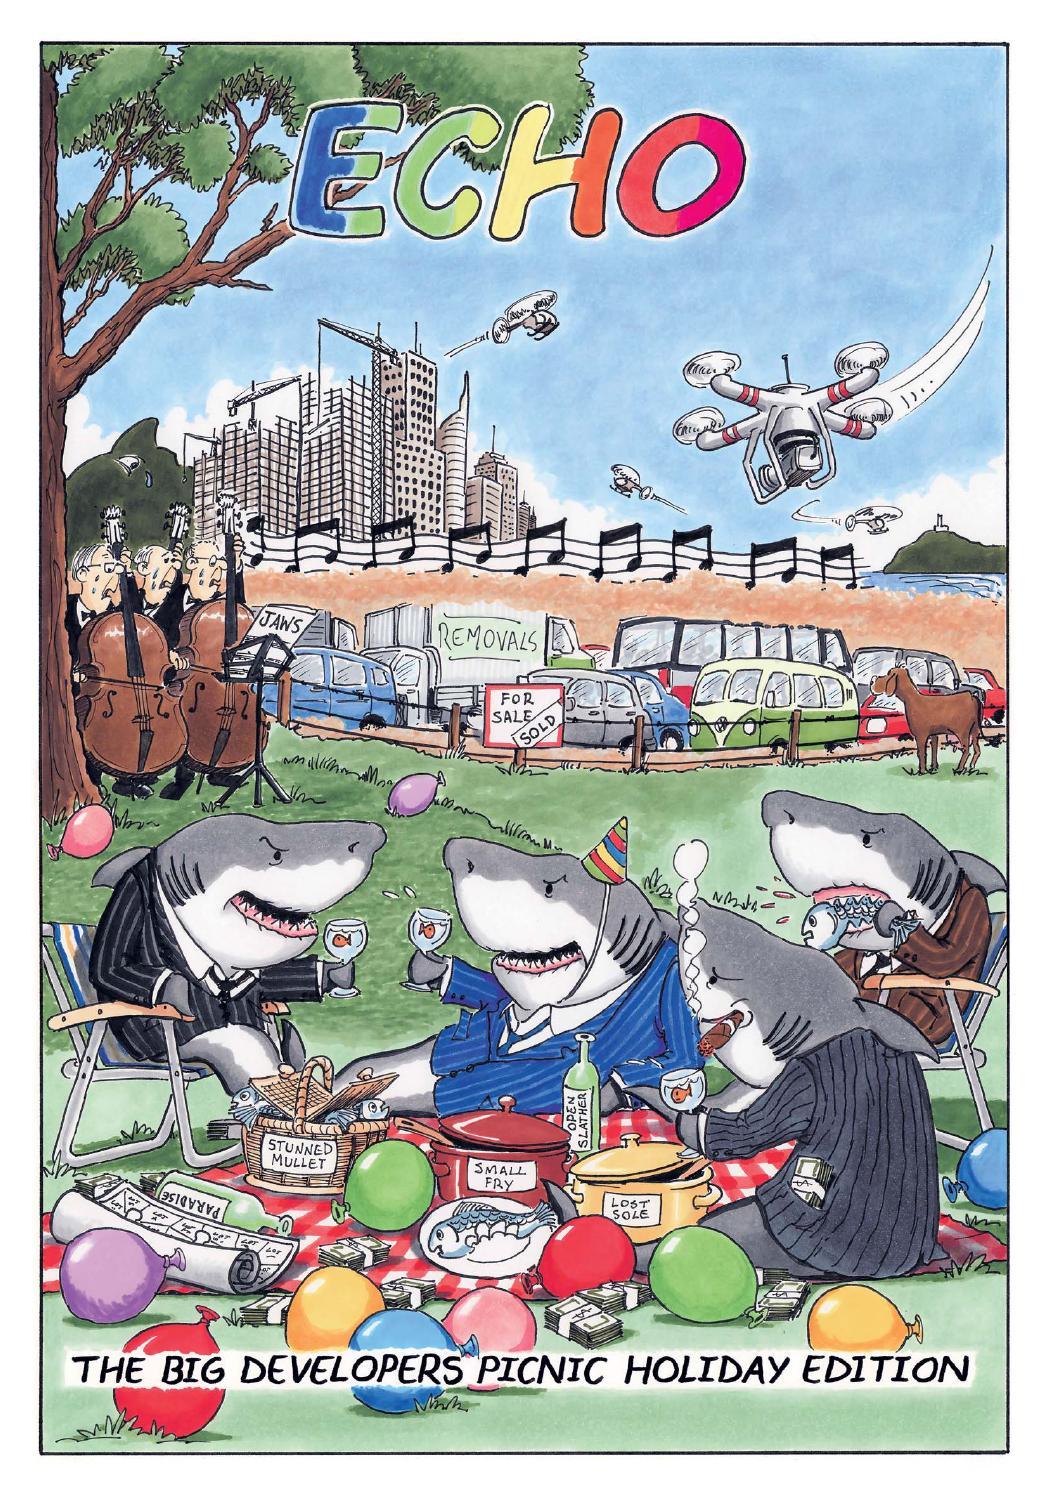 670a22baa4 Byron Shire Echo – Issue 30.28 – 23 12 2015 by Echo Publications - issuu